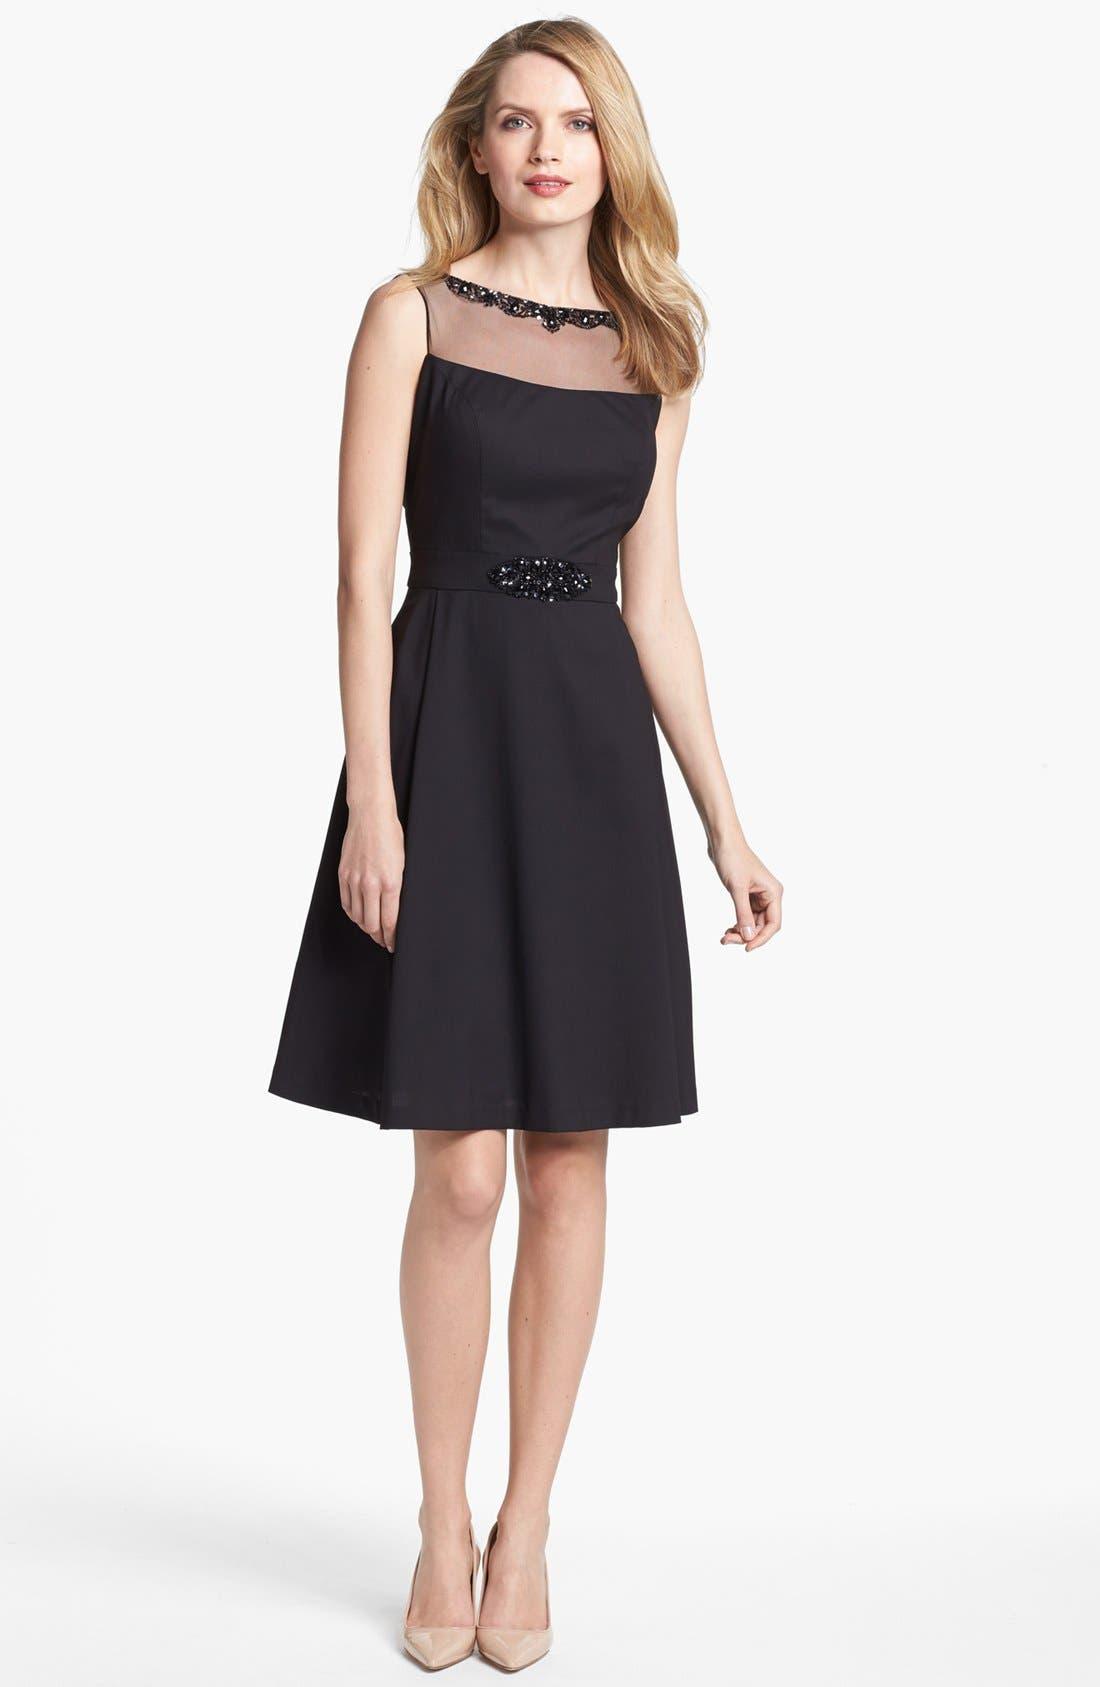 Main Image - Patra Embellished Sleeveless Fit & Flare Dress (Regular & Petite)